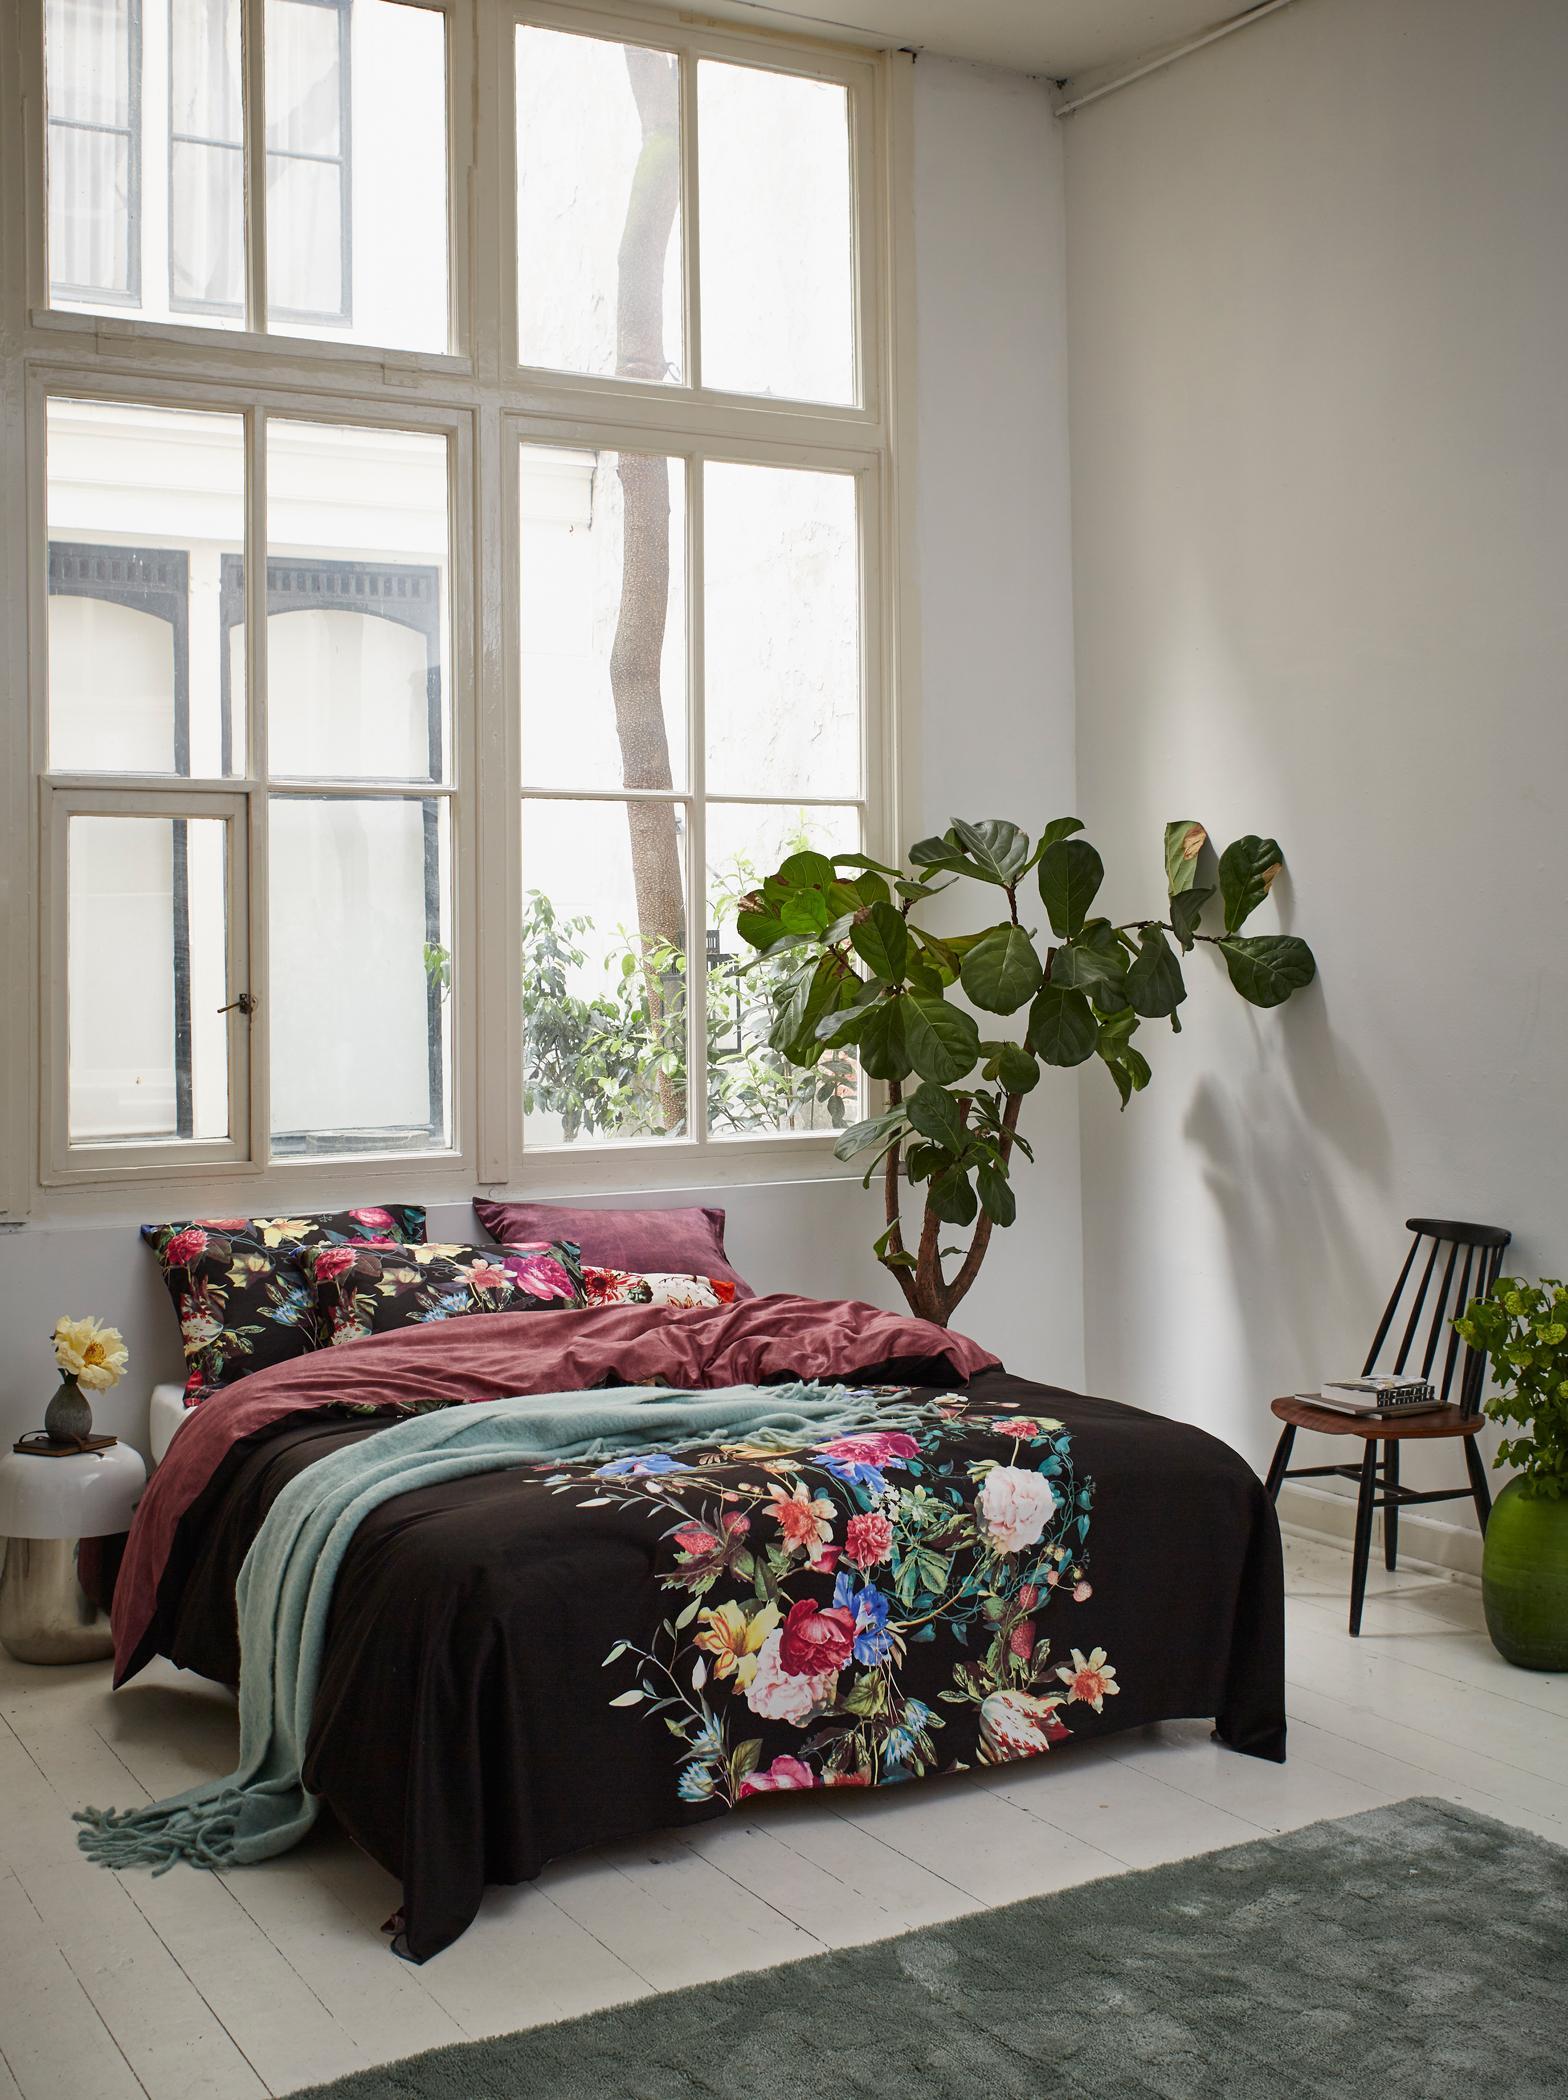 bettw sche mit blumenmuster bett dielenboden bett. Black Bedroom Furniture Sets. Home Design Ideas